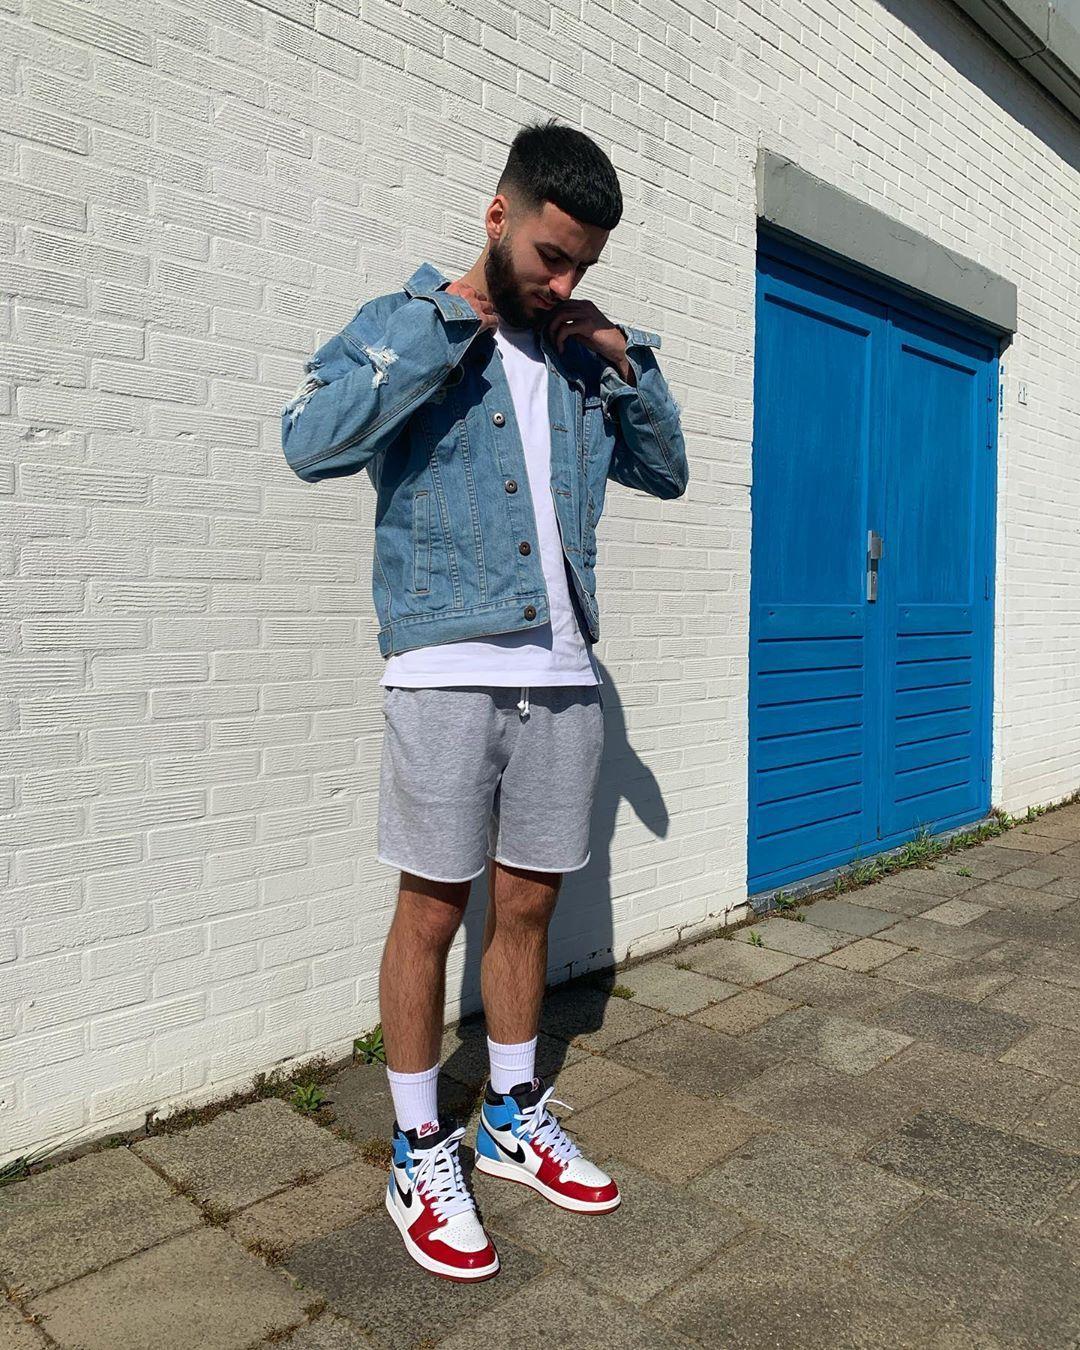 Jordan 1 Outfit Ideas Mens